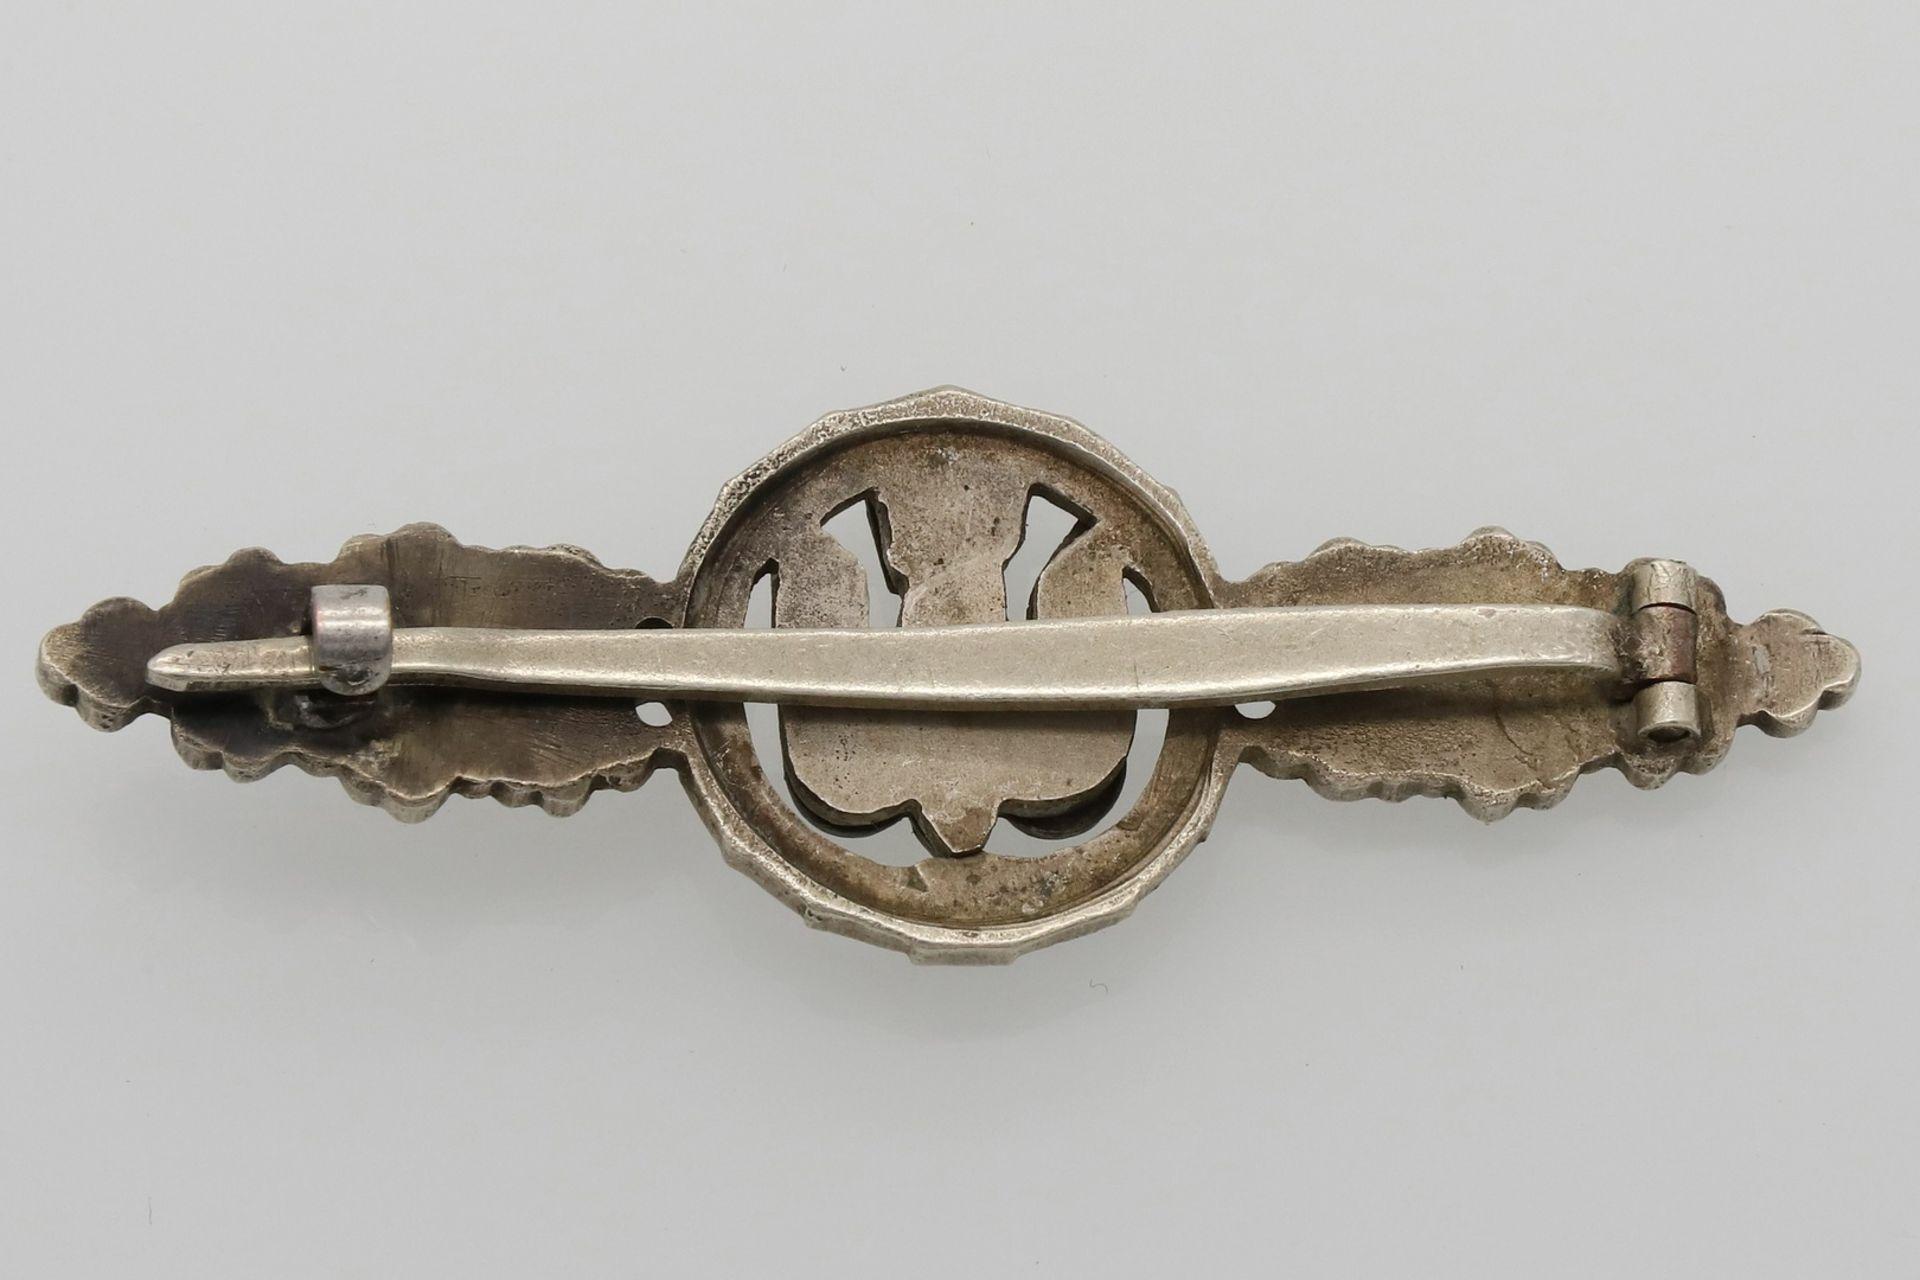 Frontflugspange für Kampfflieger in Silber - Bild 2 aus 3